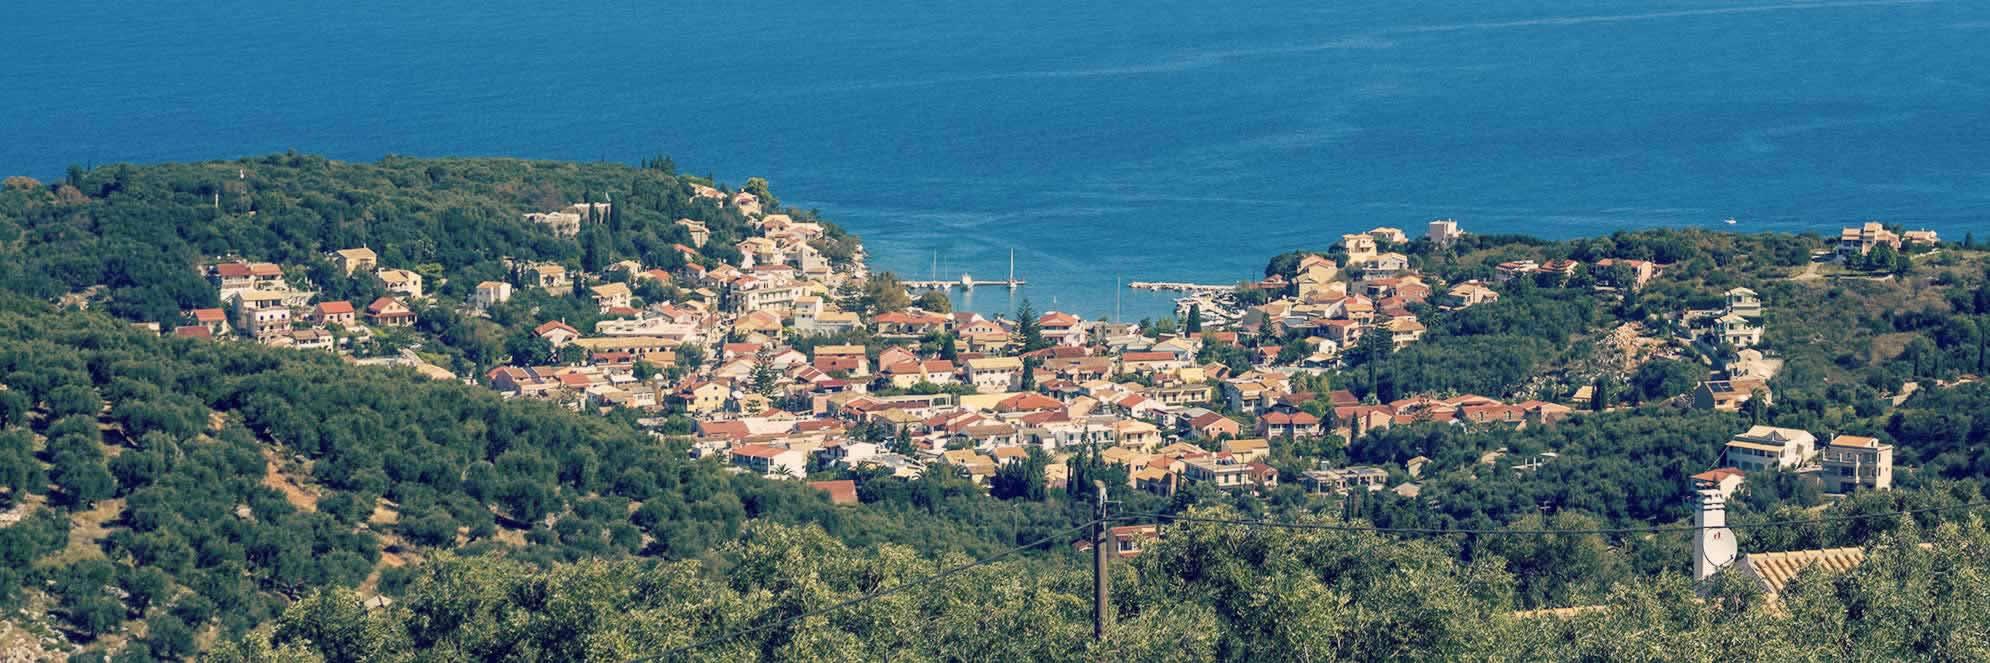 Kassiopi Panoramic 1